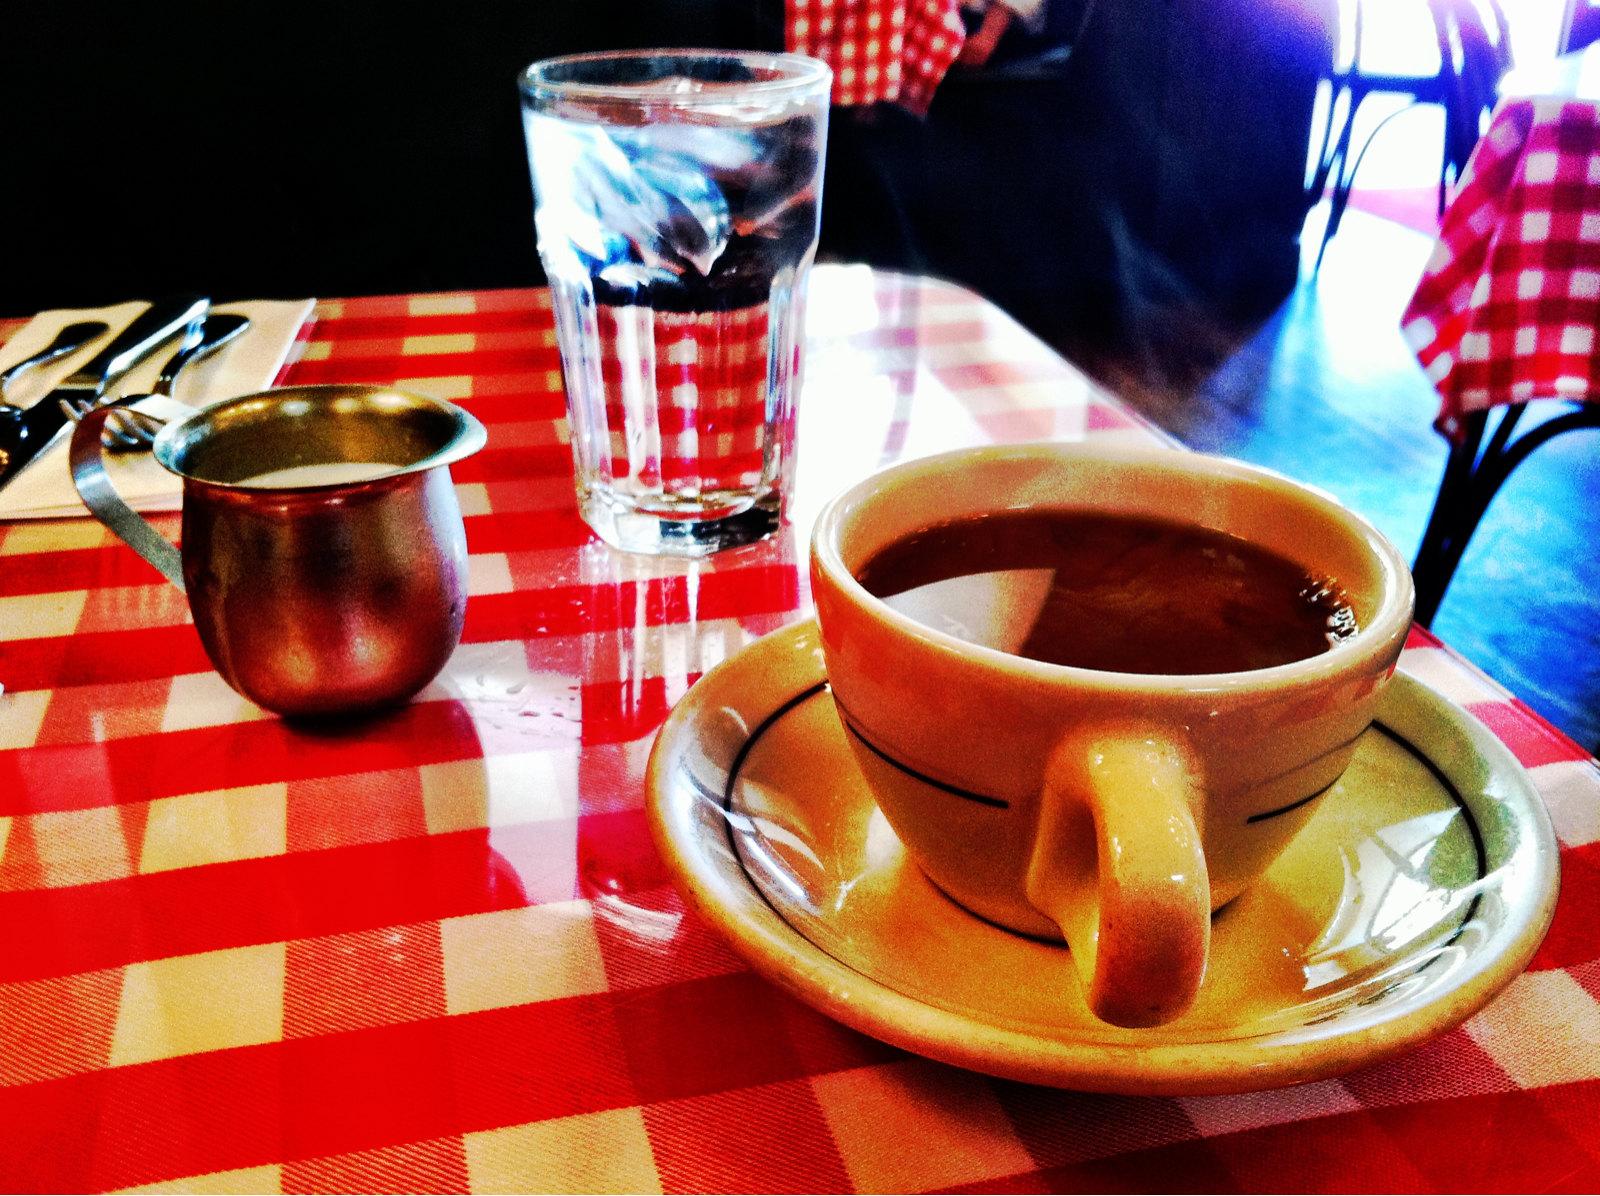 Le café : 13 bienfaits sur la santé, basés sur la science